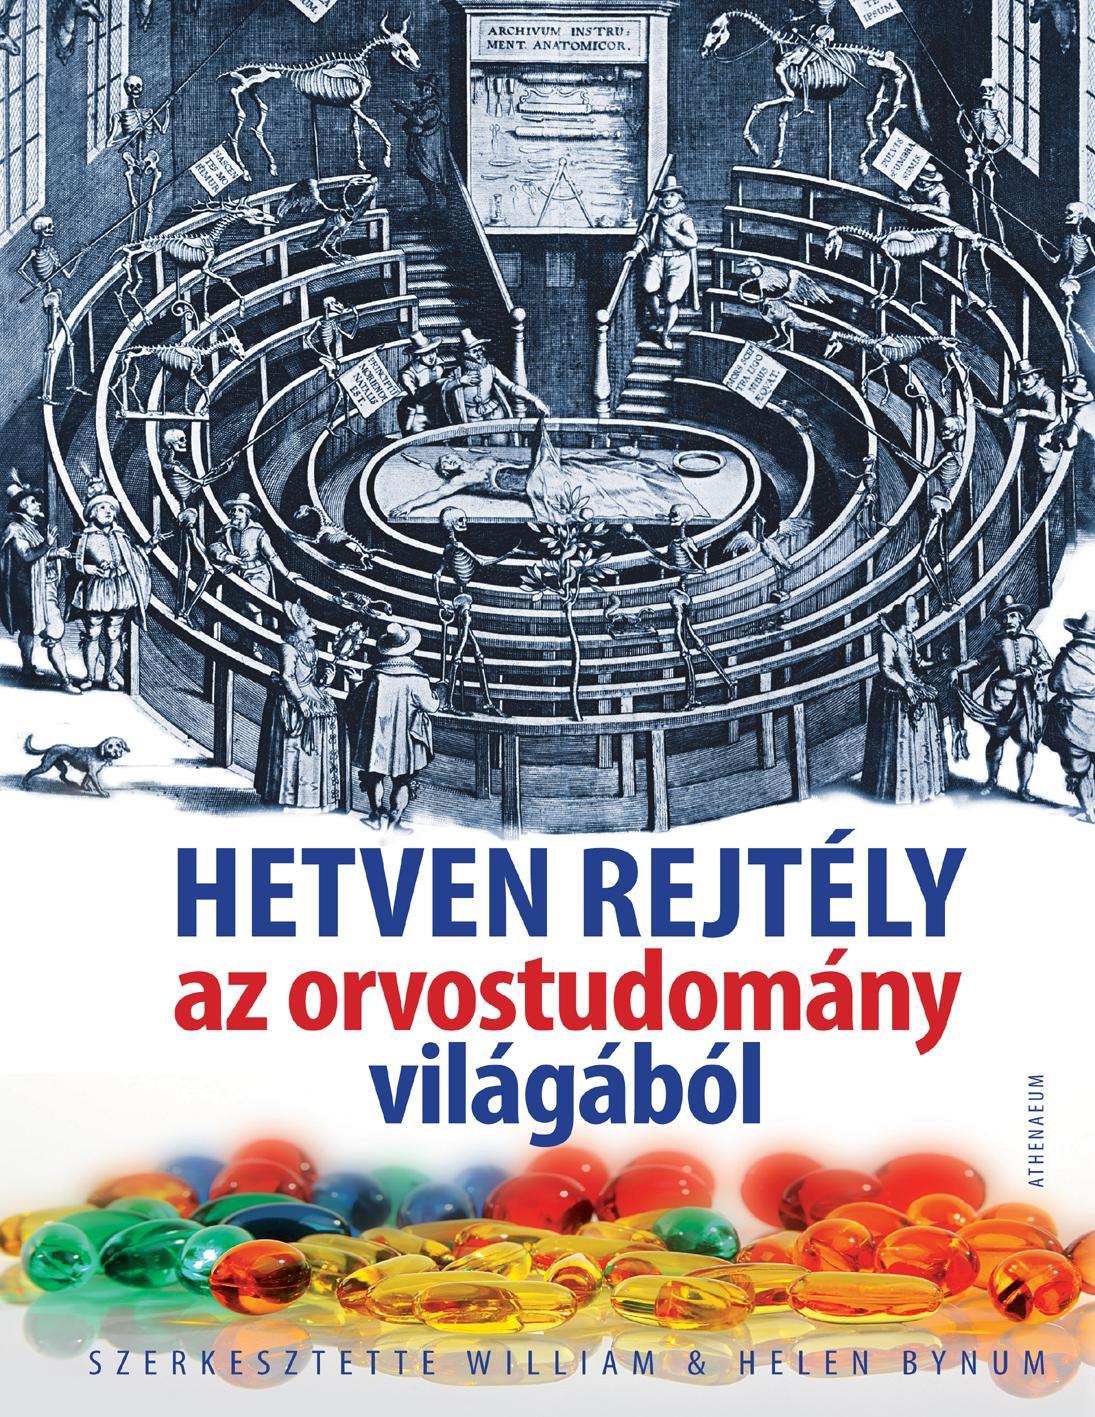 HETVEN REJTÉLY AZ ORVOSTUDOMÁNY VILÁGÁBÓL